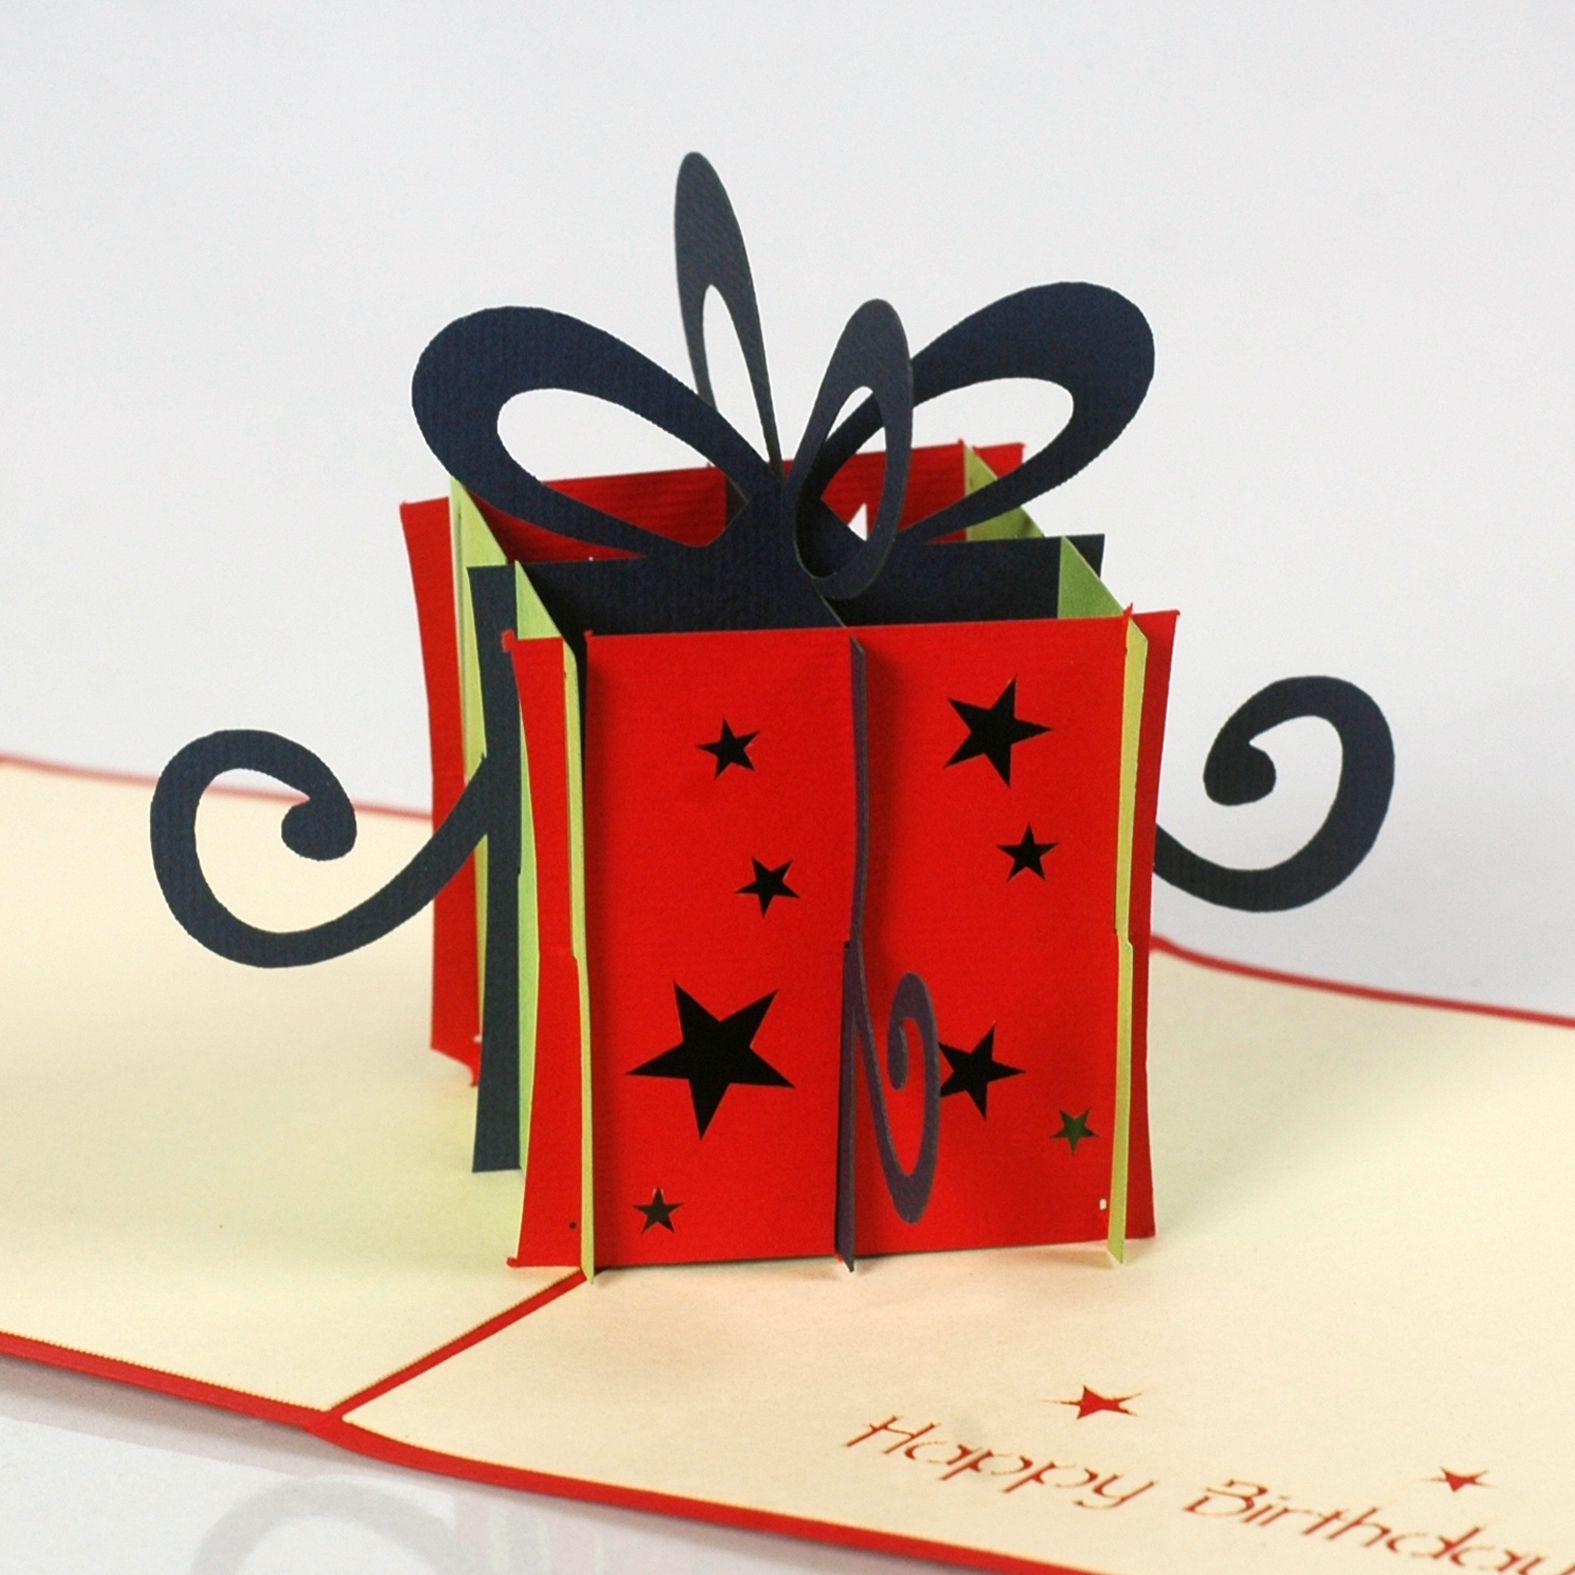 thiệp gói quà mừng sinh nhật